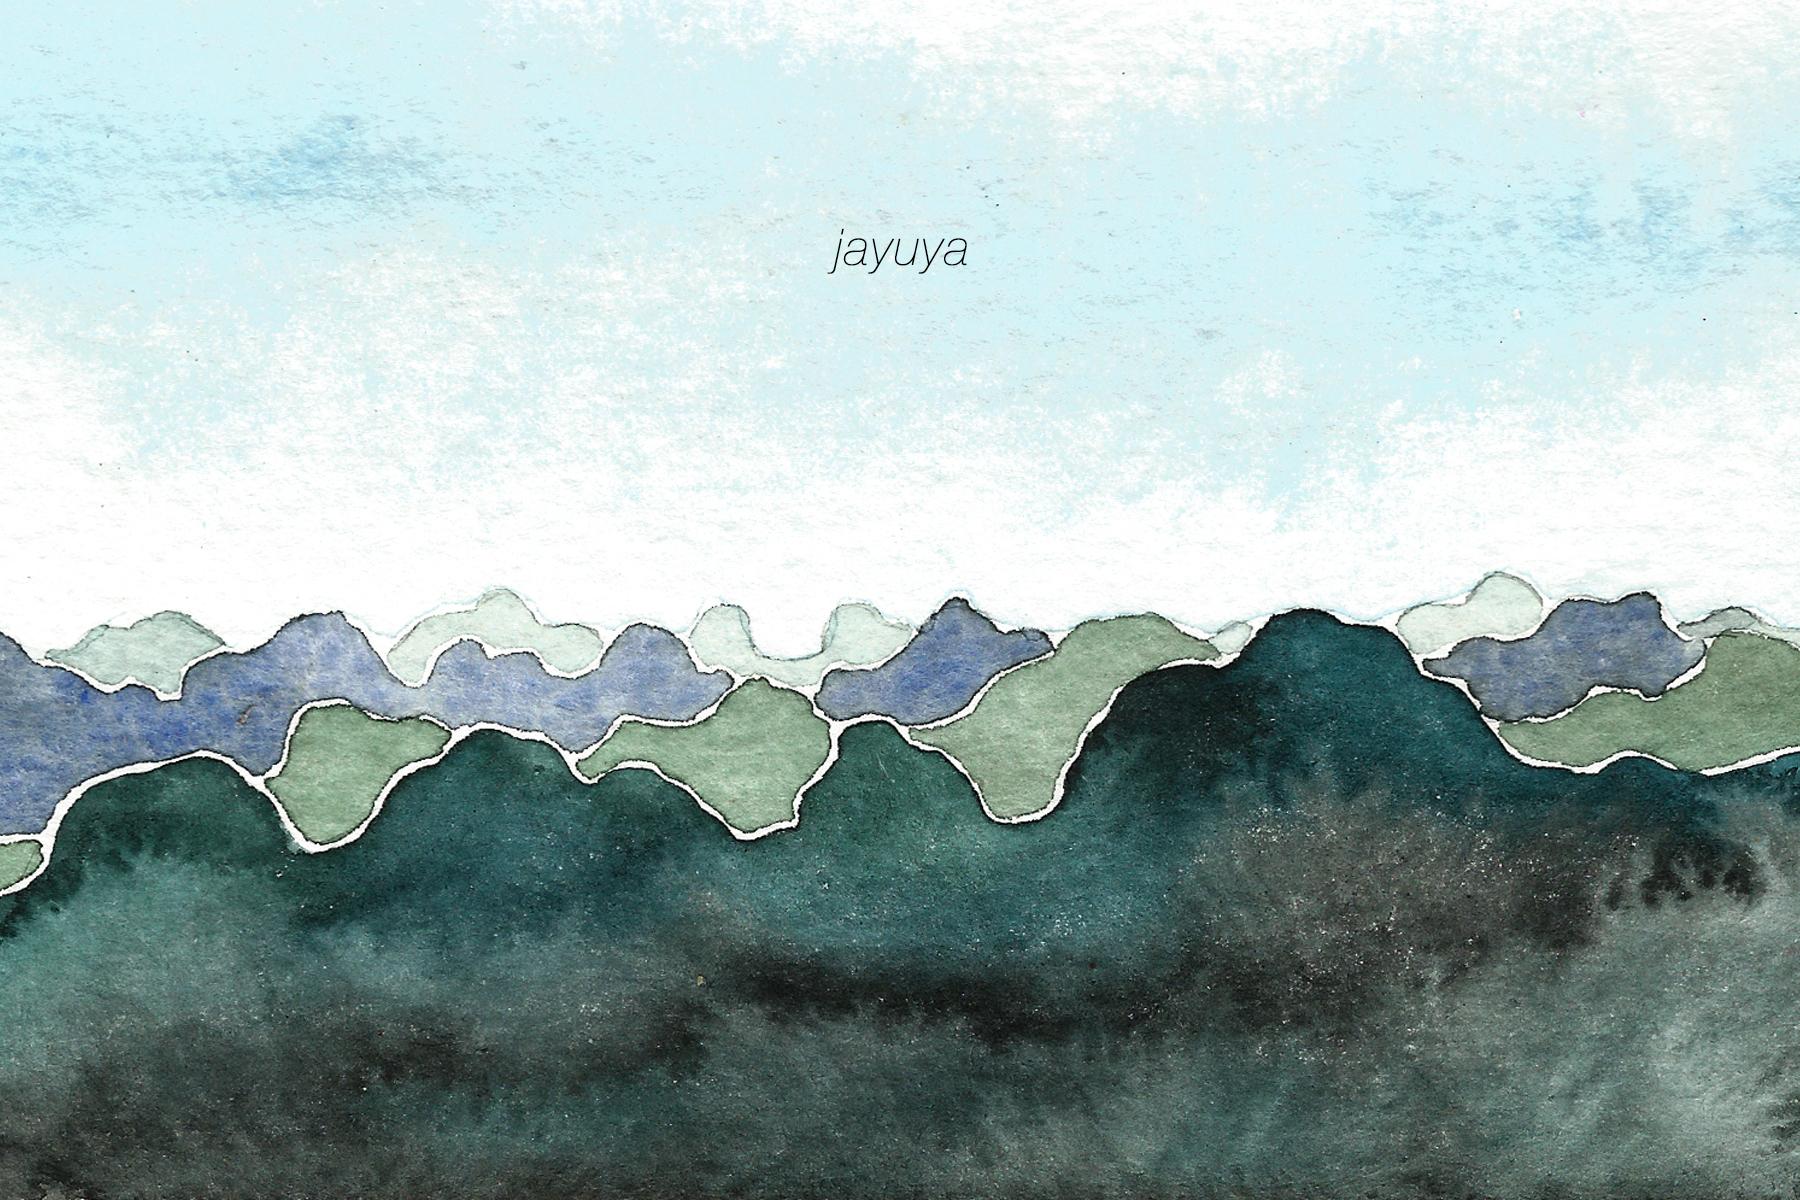 11 panoramas A